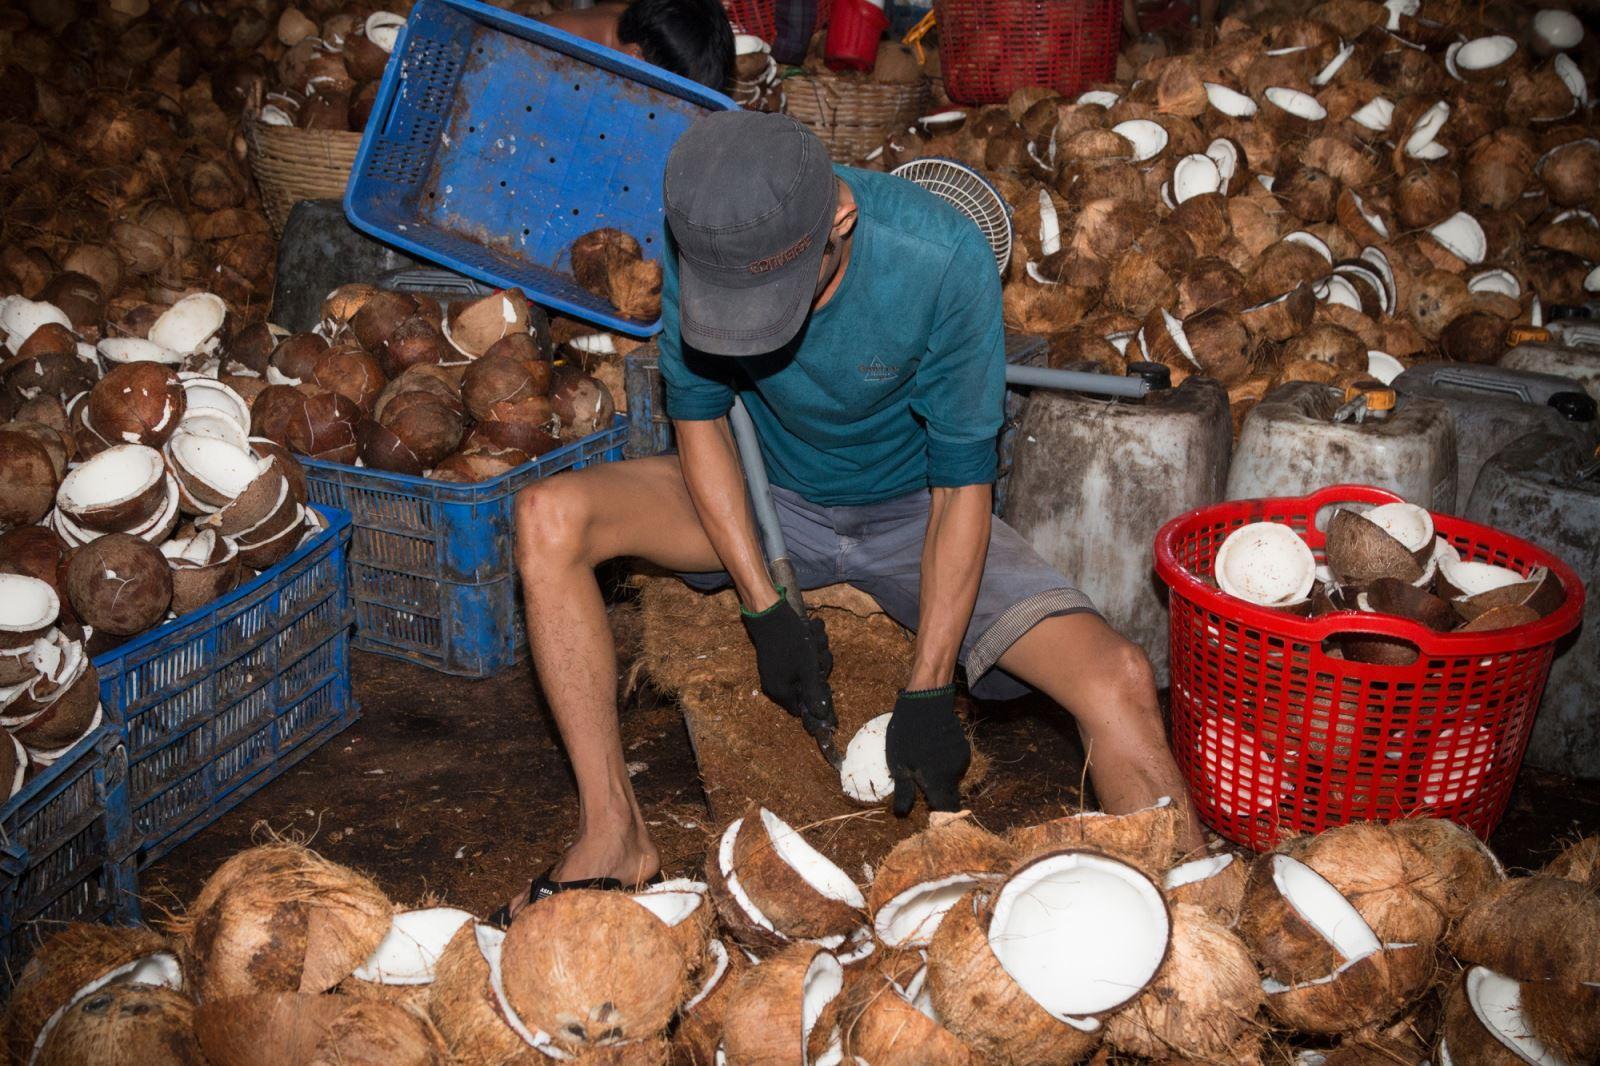 Cạy cơm dừa. (Cơm dừa được dùng làm nguyên liệu để chế biến ra các sản phẩm nước cốt dừa, dầu dừa, sữa dừa, kẹo dừa…).